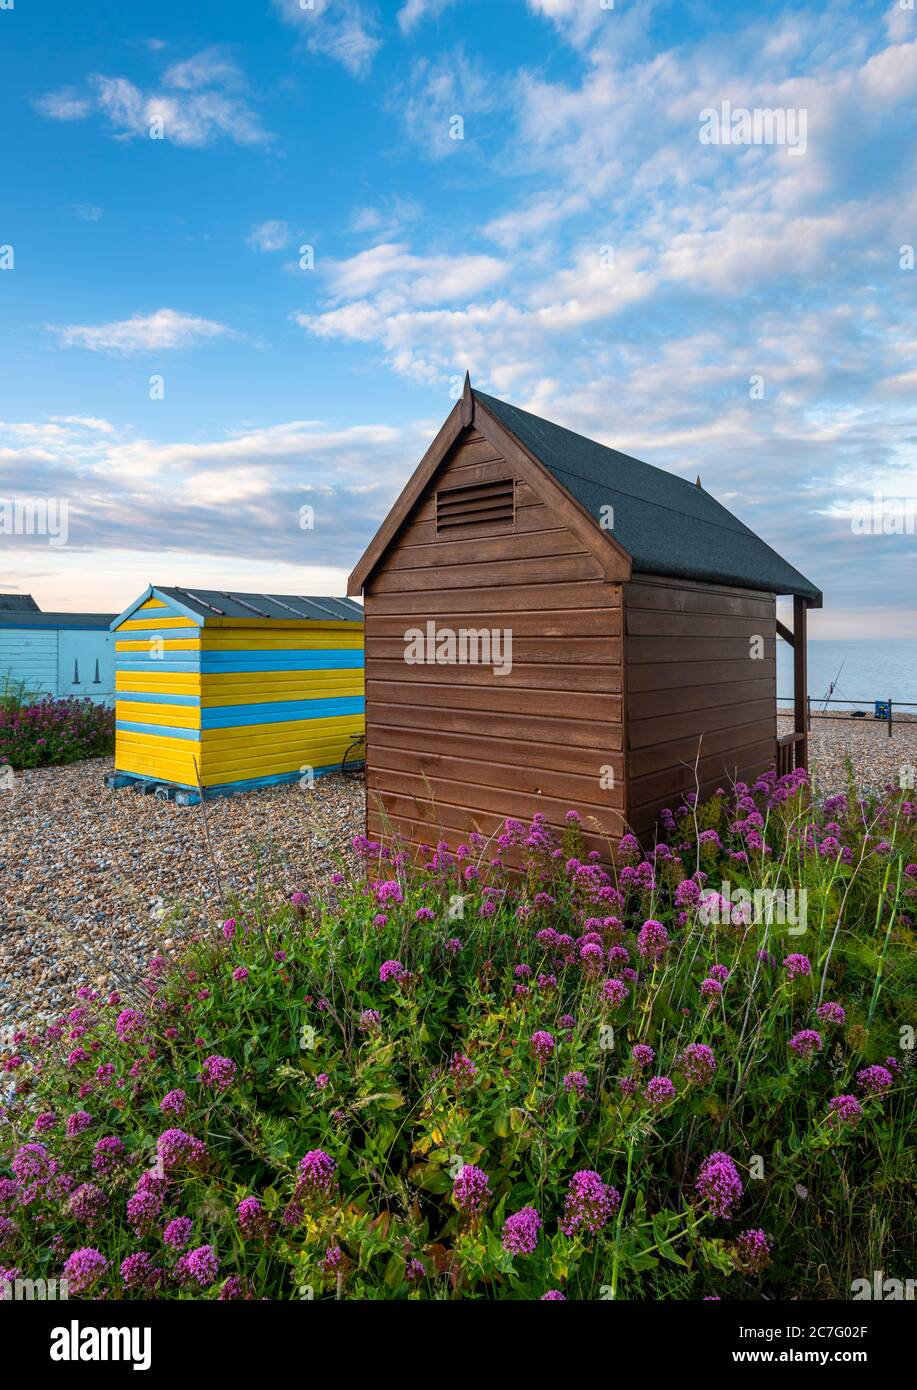 Cabanes de plage sur la plage de Kingsdown près de traiter avec des fleurs rouges de la Valerian en premier plan. Banque D'Images